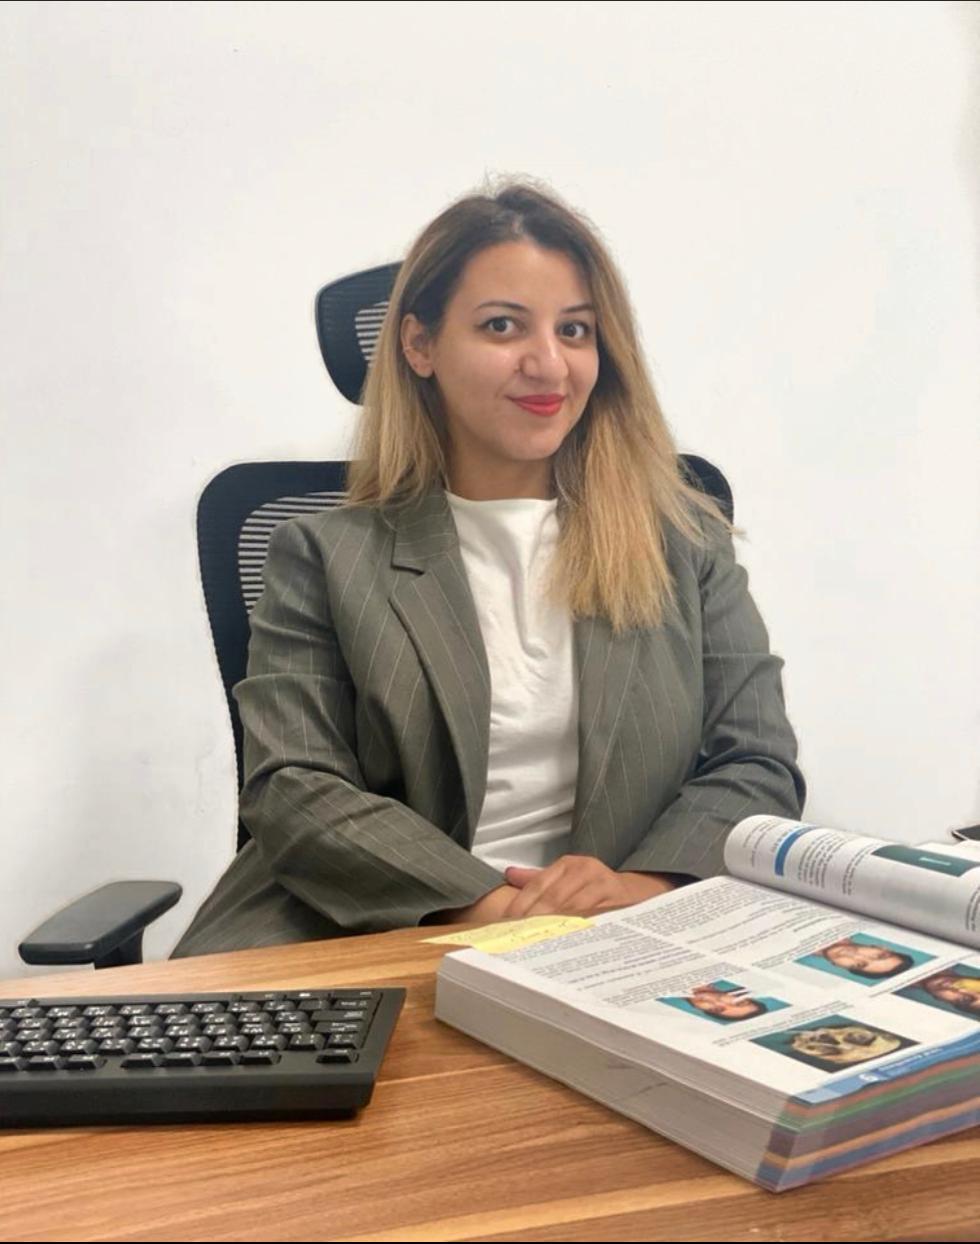 Azərbaycanlı alim BƏƏ-də tibb sahəsindəki xidmətlərinə görə qızıl viza ilə təltif olunub - AÇIQLAMA